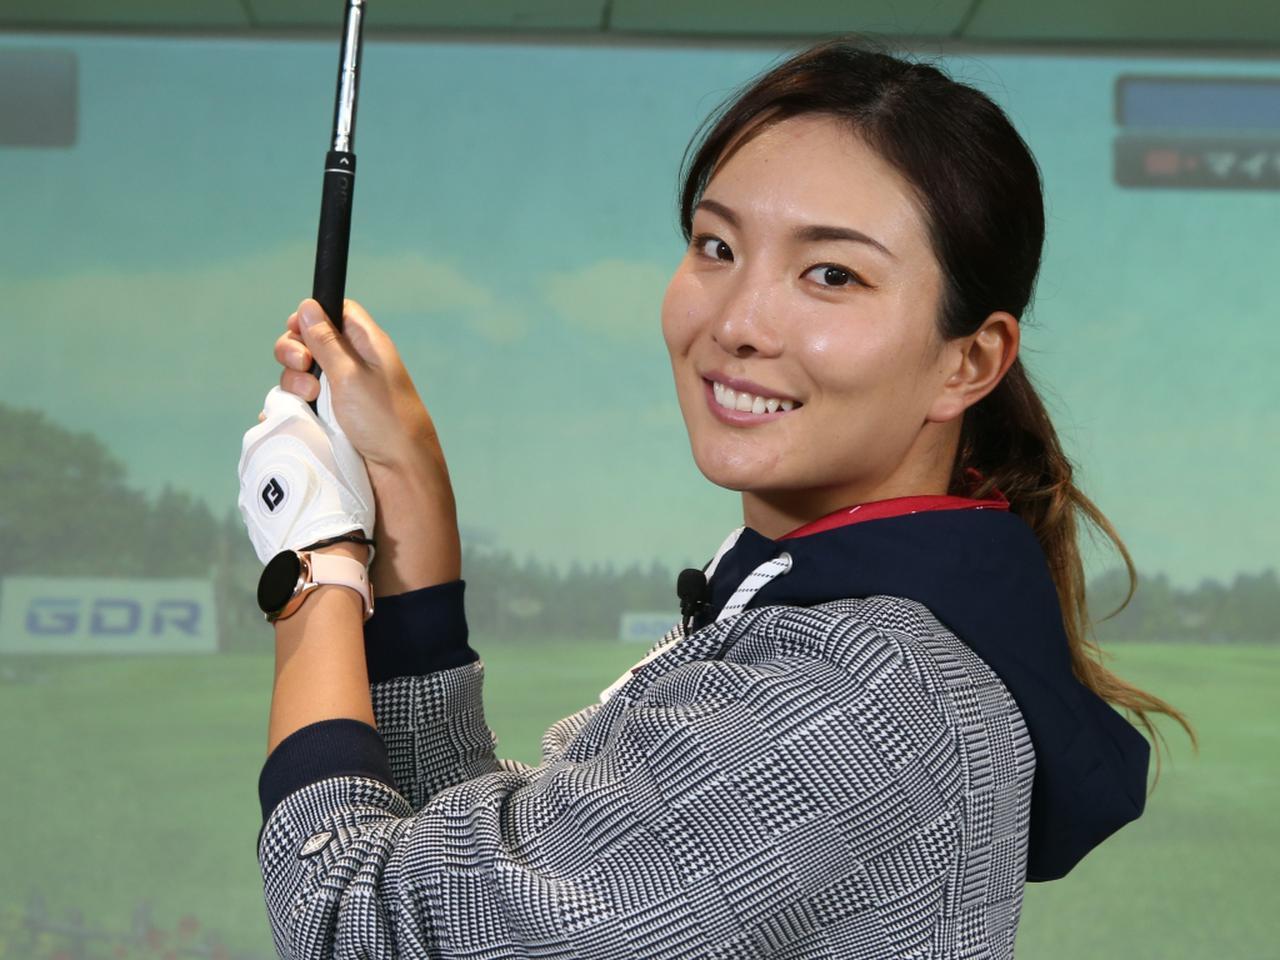 画像: ゴルフクラブの握り方を飛ばし屋美人プロ・高島早百合がイチから解説!